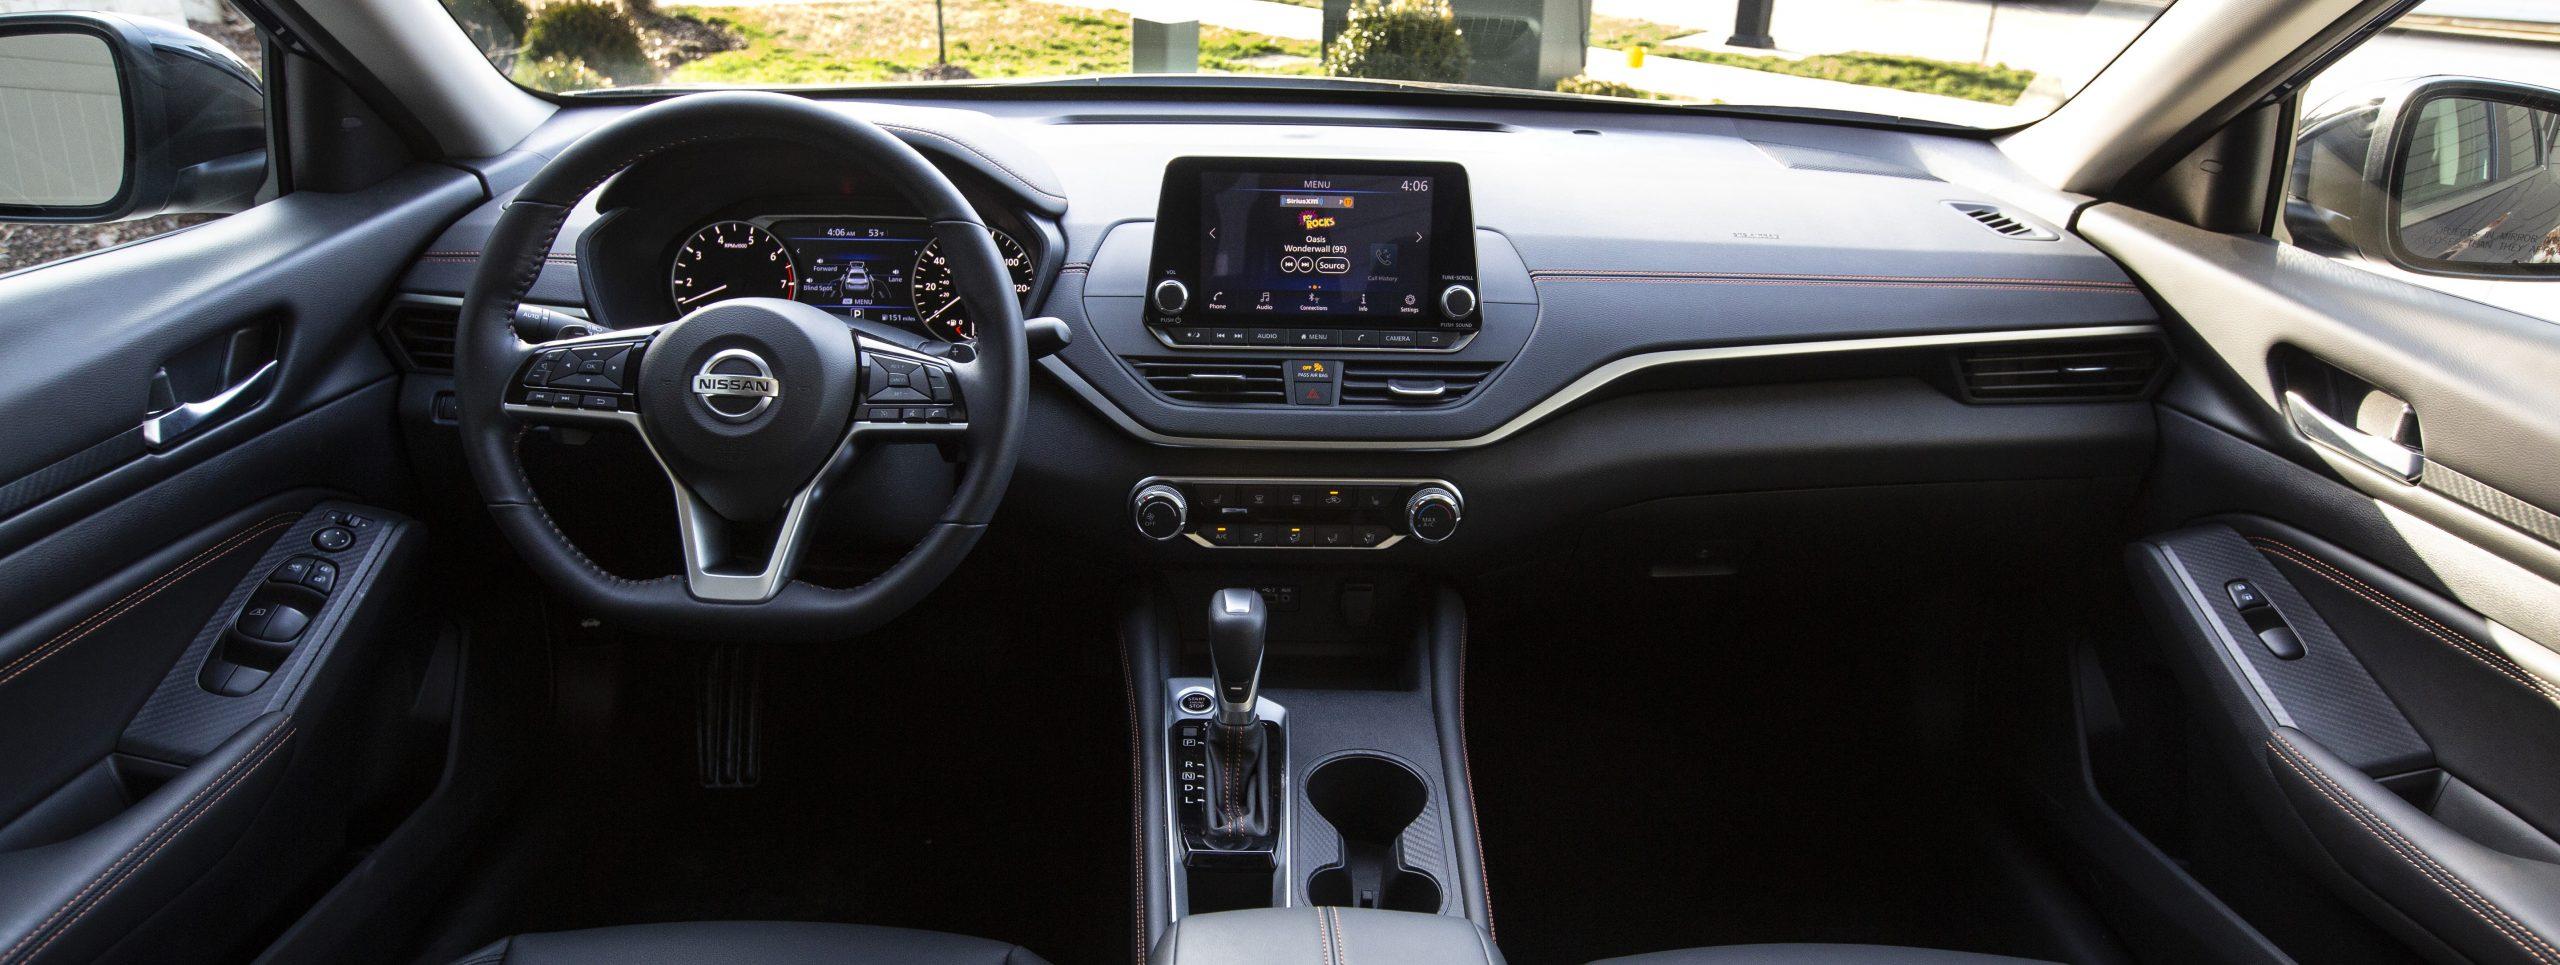 Nissan Altima Interior Brownsville